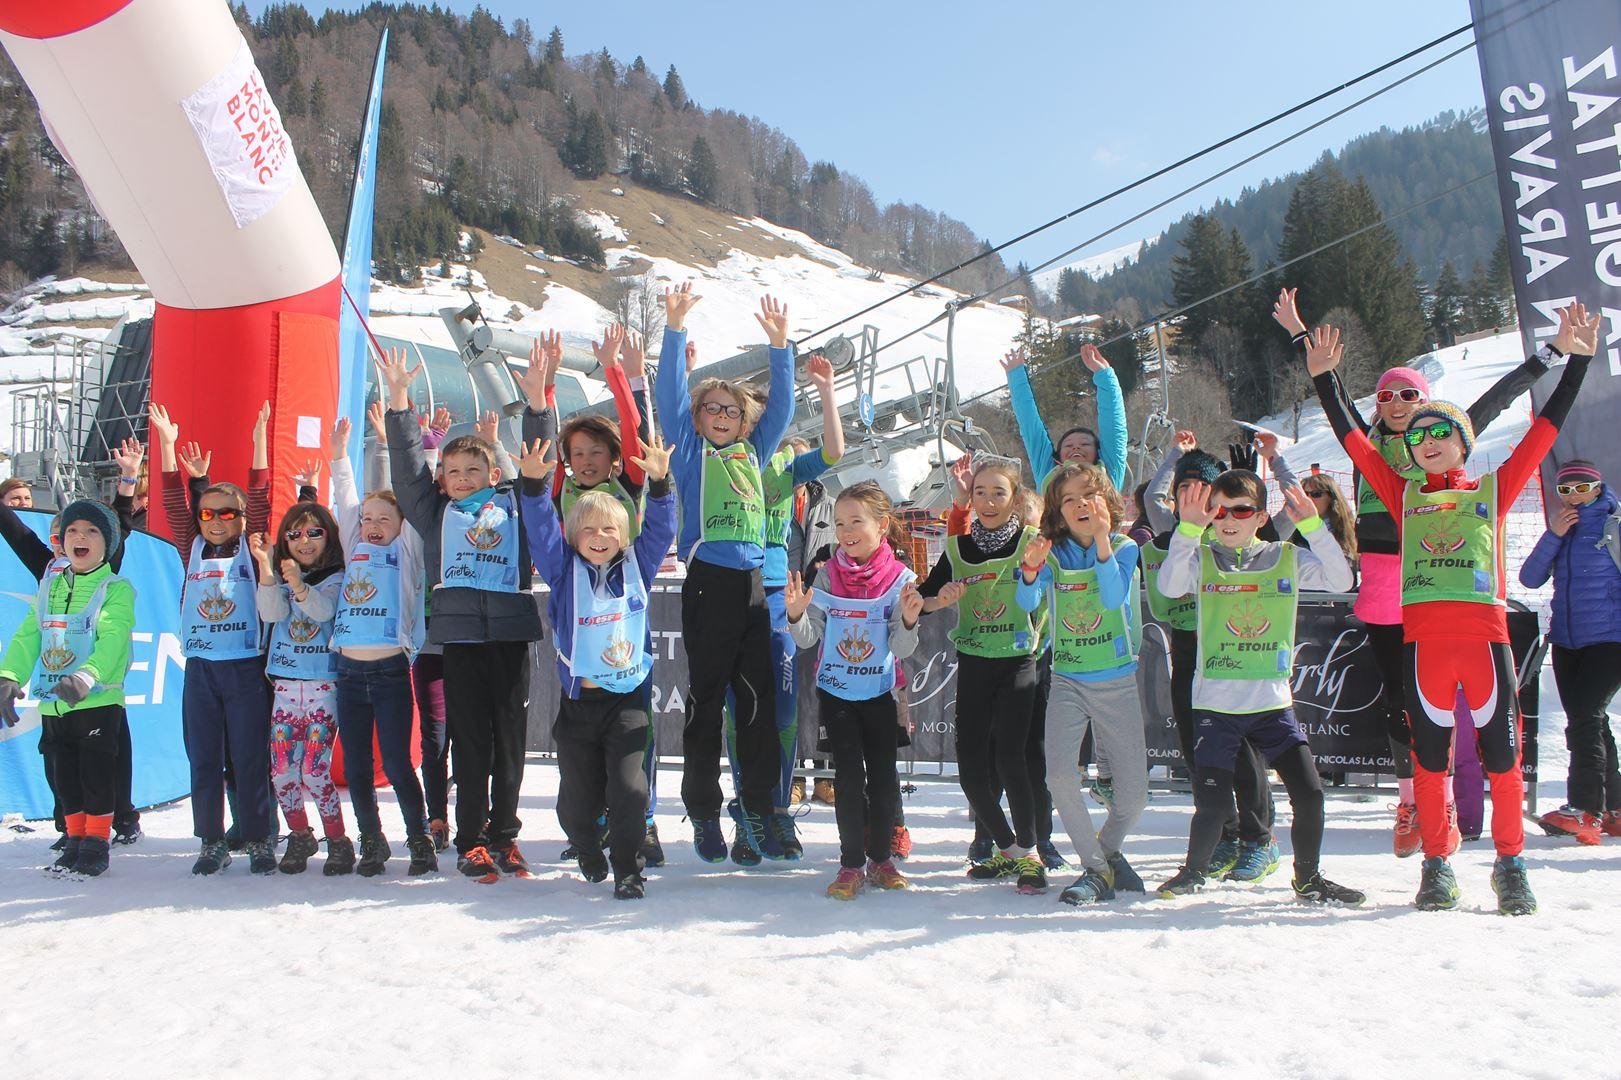 echauffement course enfants 1 - RESULTATS PHOTOS ET COMPTE RENDU DU 9EME ARAVIS SNOW TRAIL (La Giettaz73) 25-03-2018